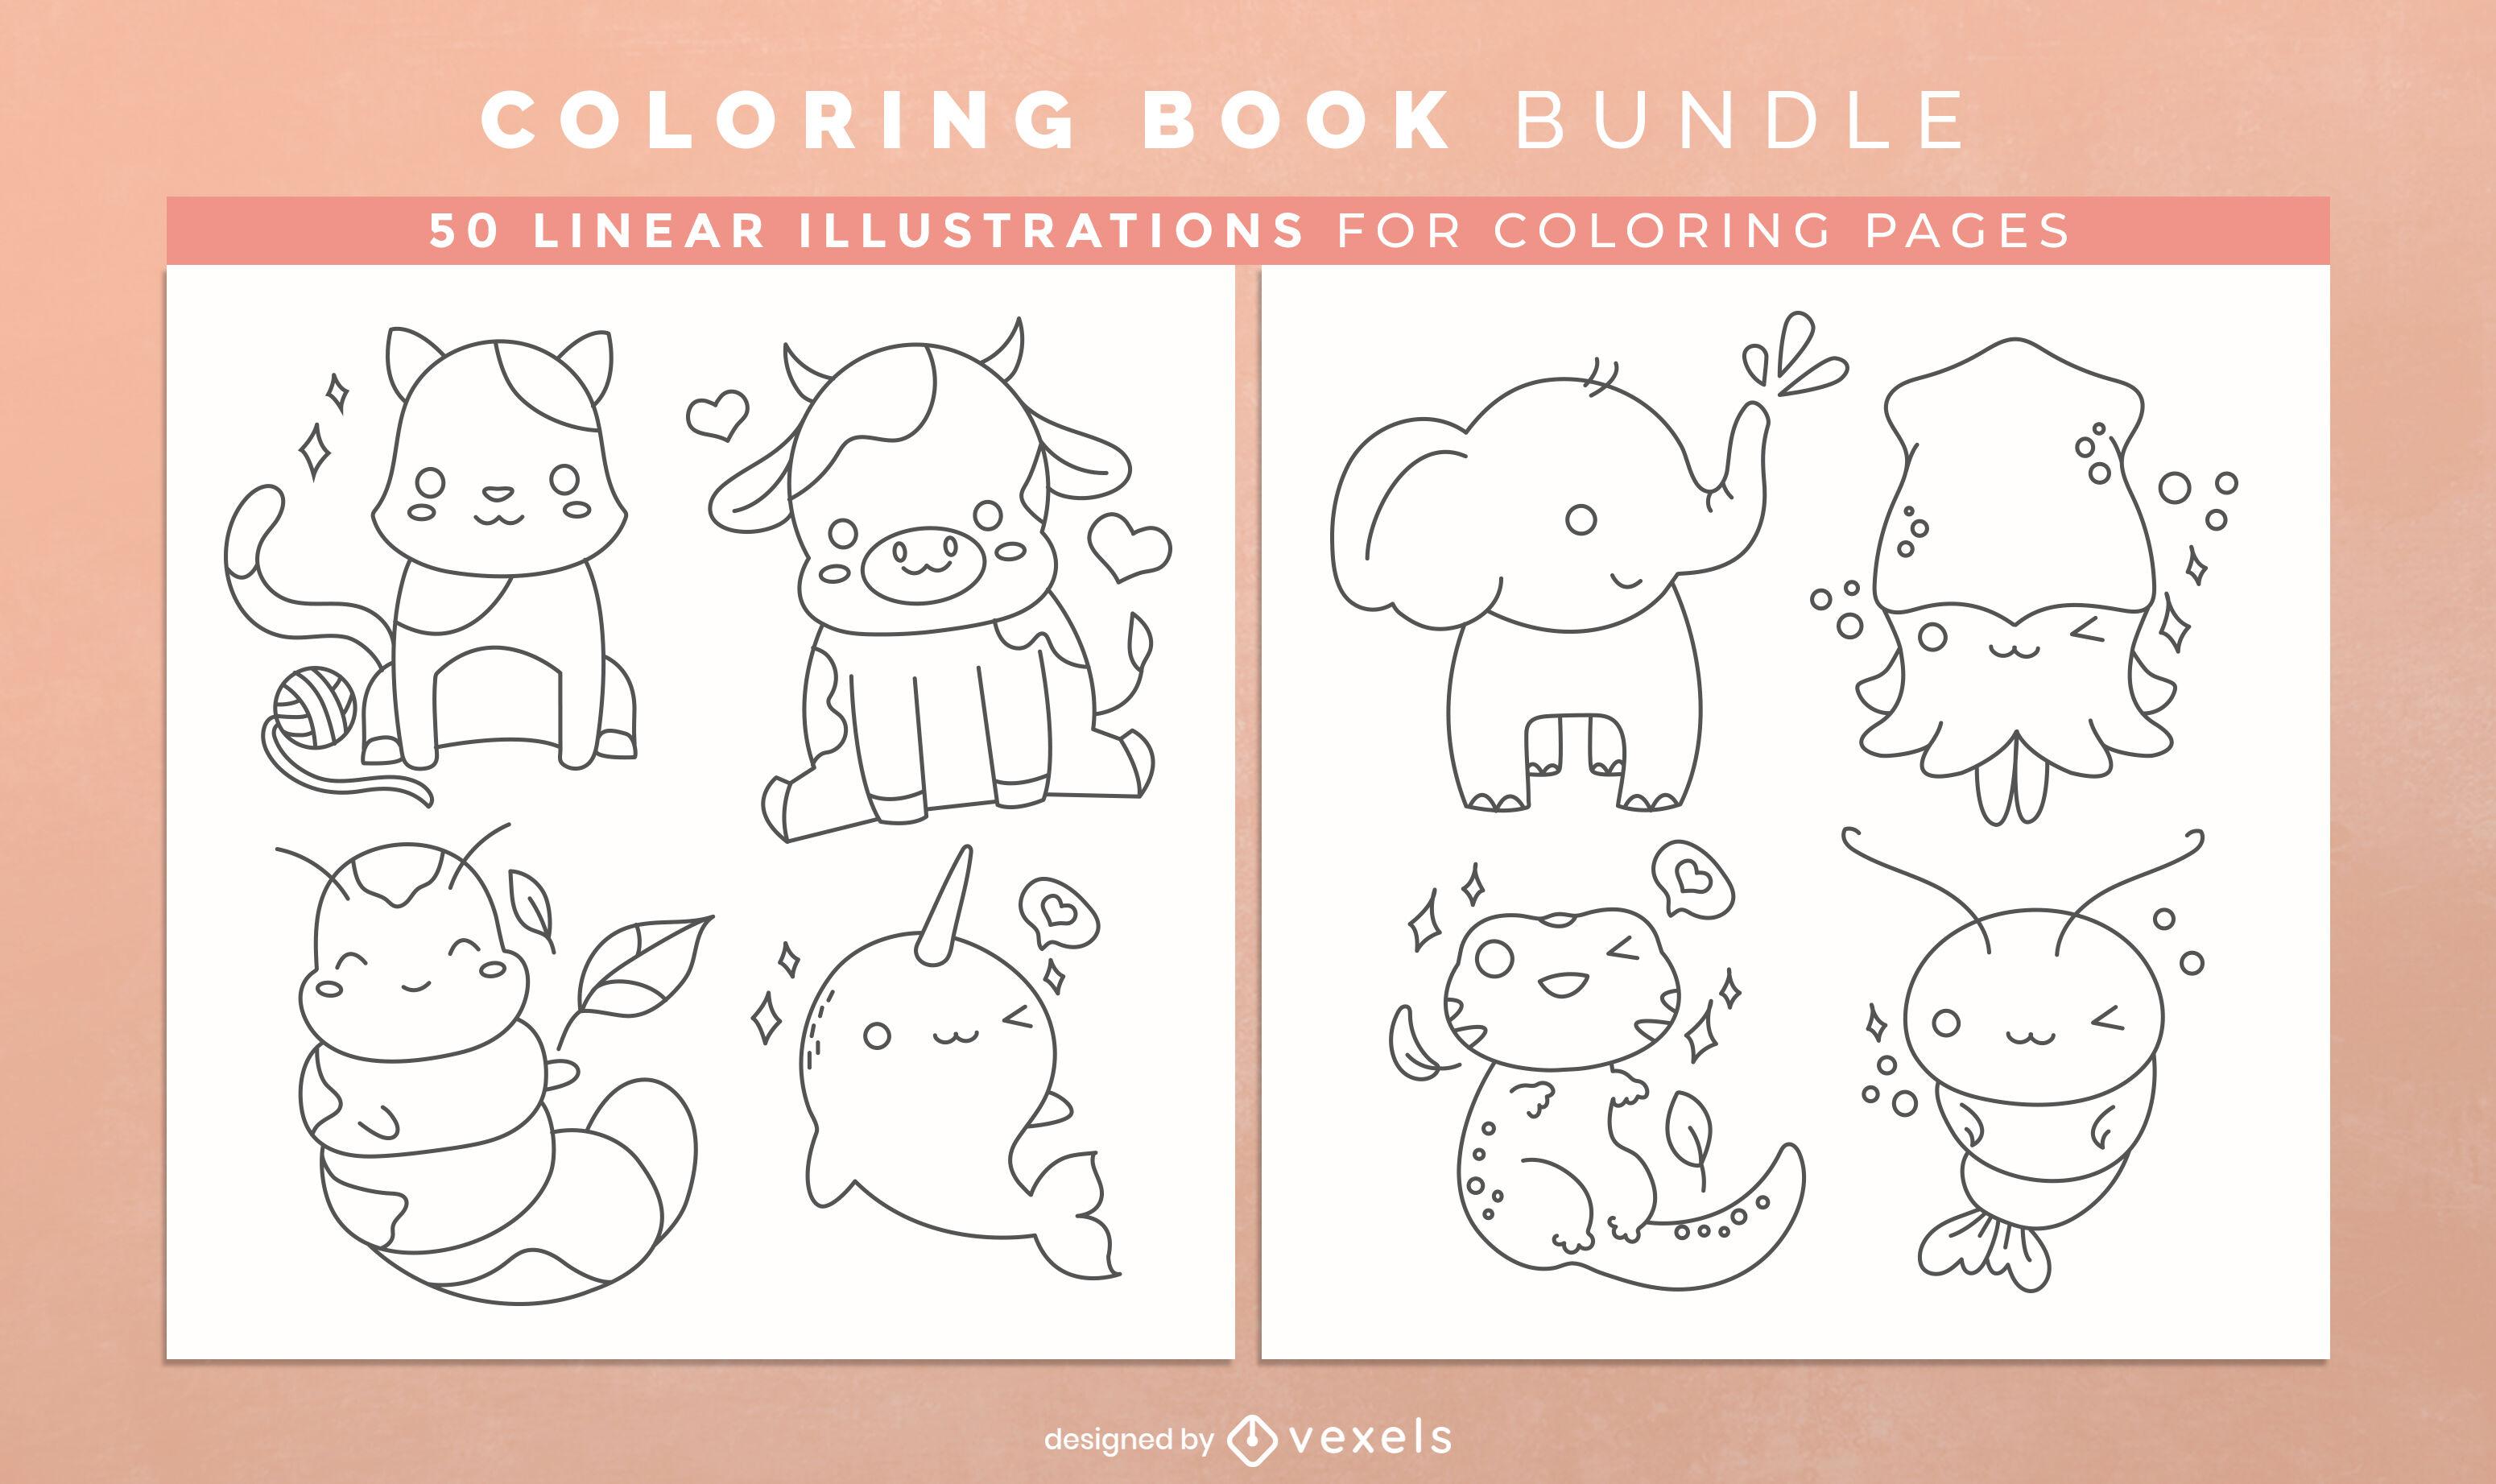 Diseño de páginas de libro para colorear de animales kawaii